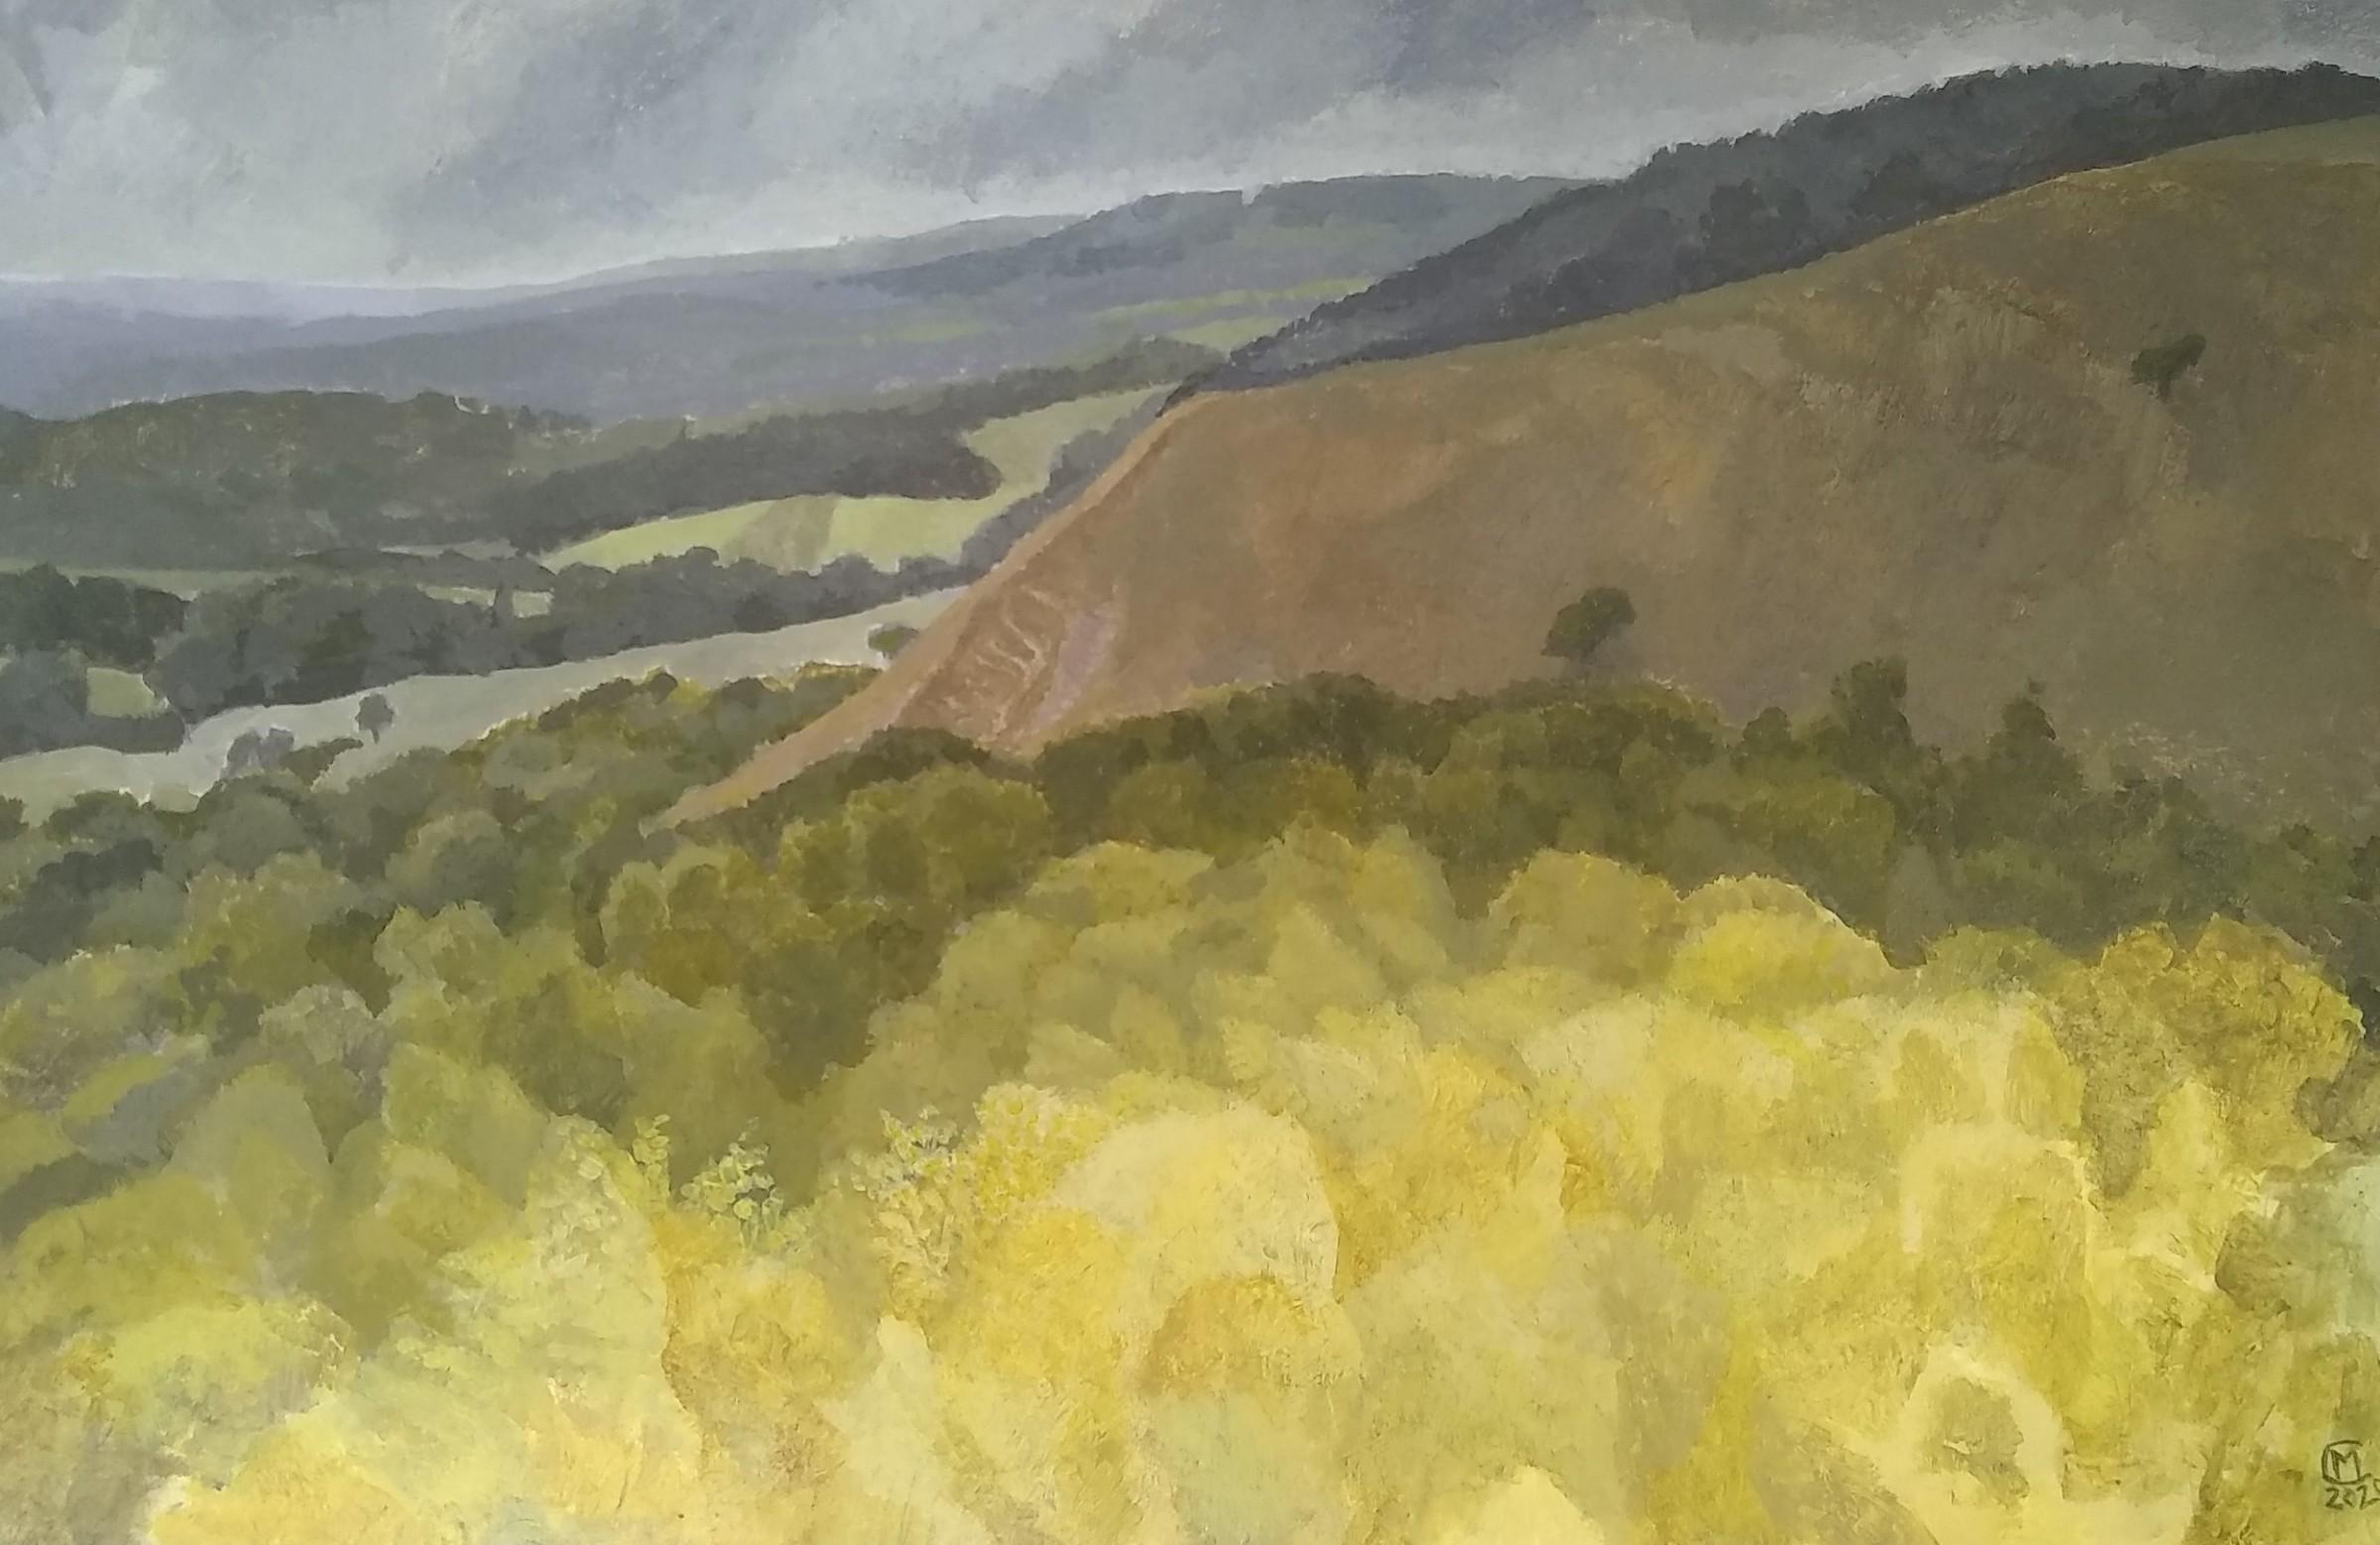 """<span class=""""link fancybox-details-link""""><a href=""""/artists/51-michael-collins/works/12363-michael-collins-redhill-landscape/"""">View Detail Page</a></span><div class=""""artist""""><span class=""""artist""""><strong>Michael Collins</strong></span></div><div class=""""title""""><em>Redhill Landscape</em></div><div class=""""medium"""">acrylic</div><div class=""""dimensions"""">Frame: 30 x 40 cm<br /> Artwork: 21 x 32.5 cm</div><div class=""""price"""">£600.00</div>"""